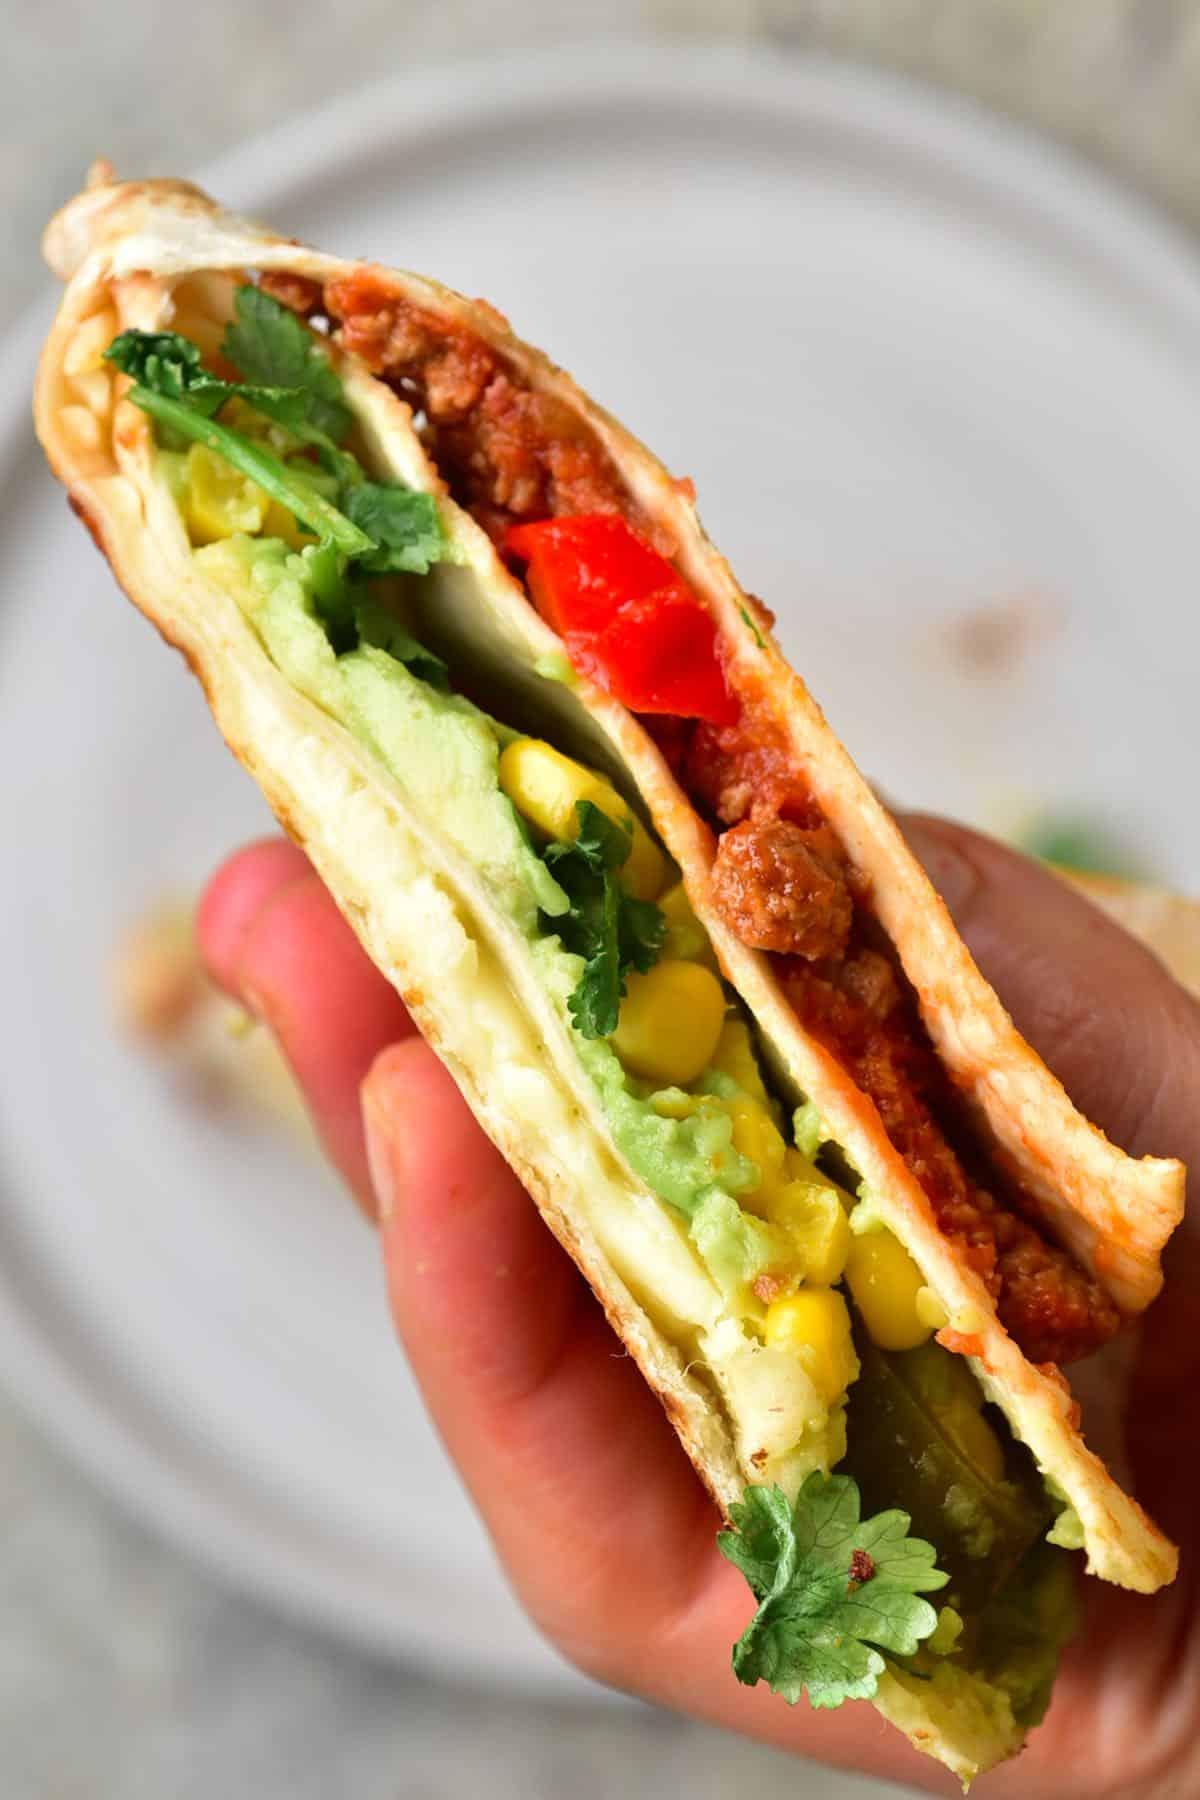 Tortilla wrap with vegan chili con carne, corn and avocado